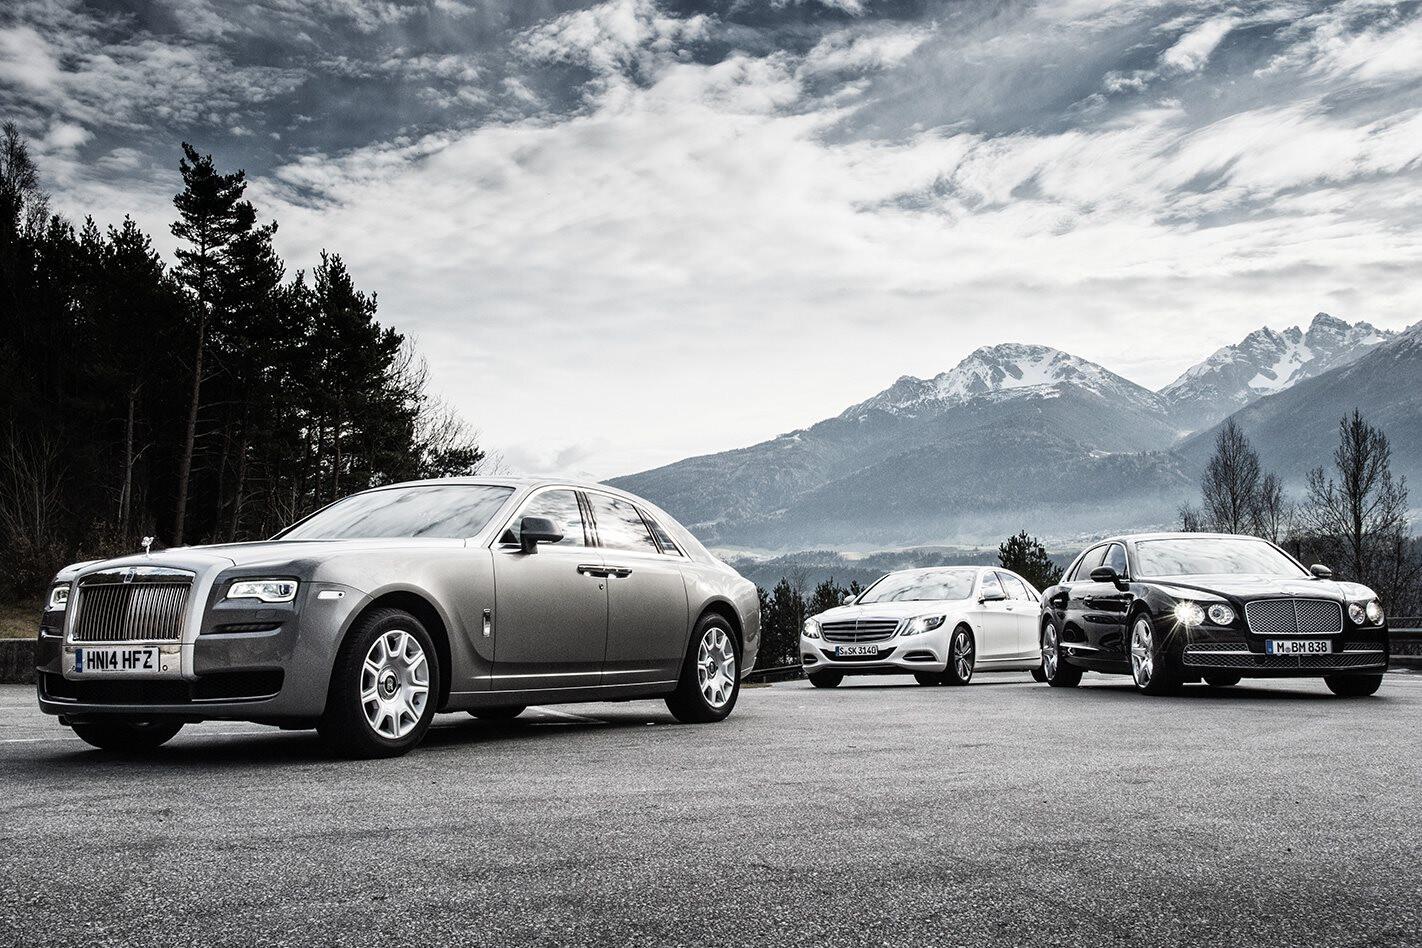 Mercedes-Benz S600 vs Rolls-Royce Ghost vs Bentley Flying Spur